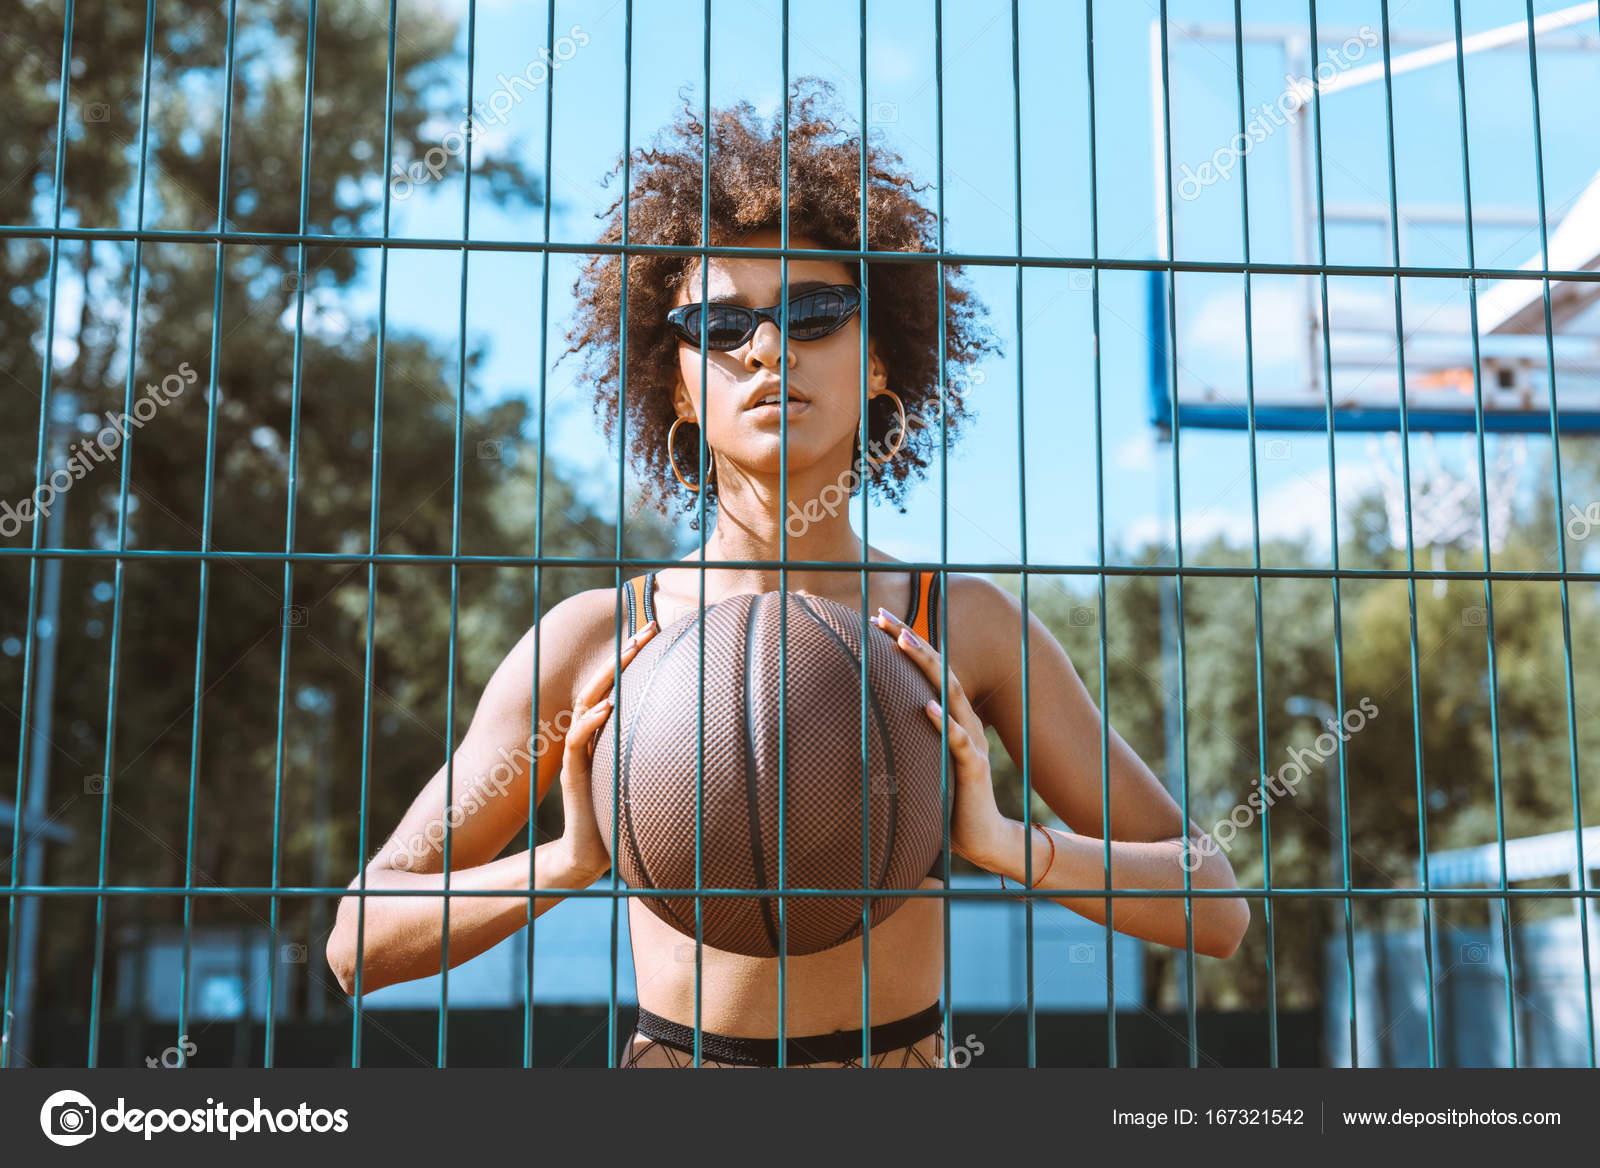 Baloncesto De Explotación De Mujer Afroestadounidense